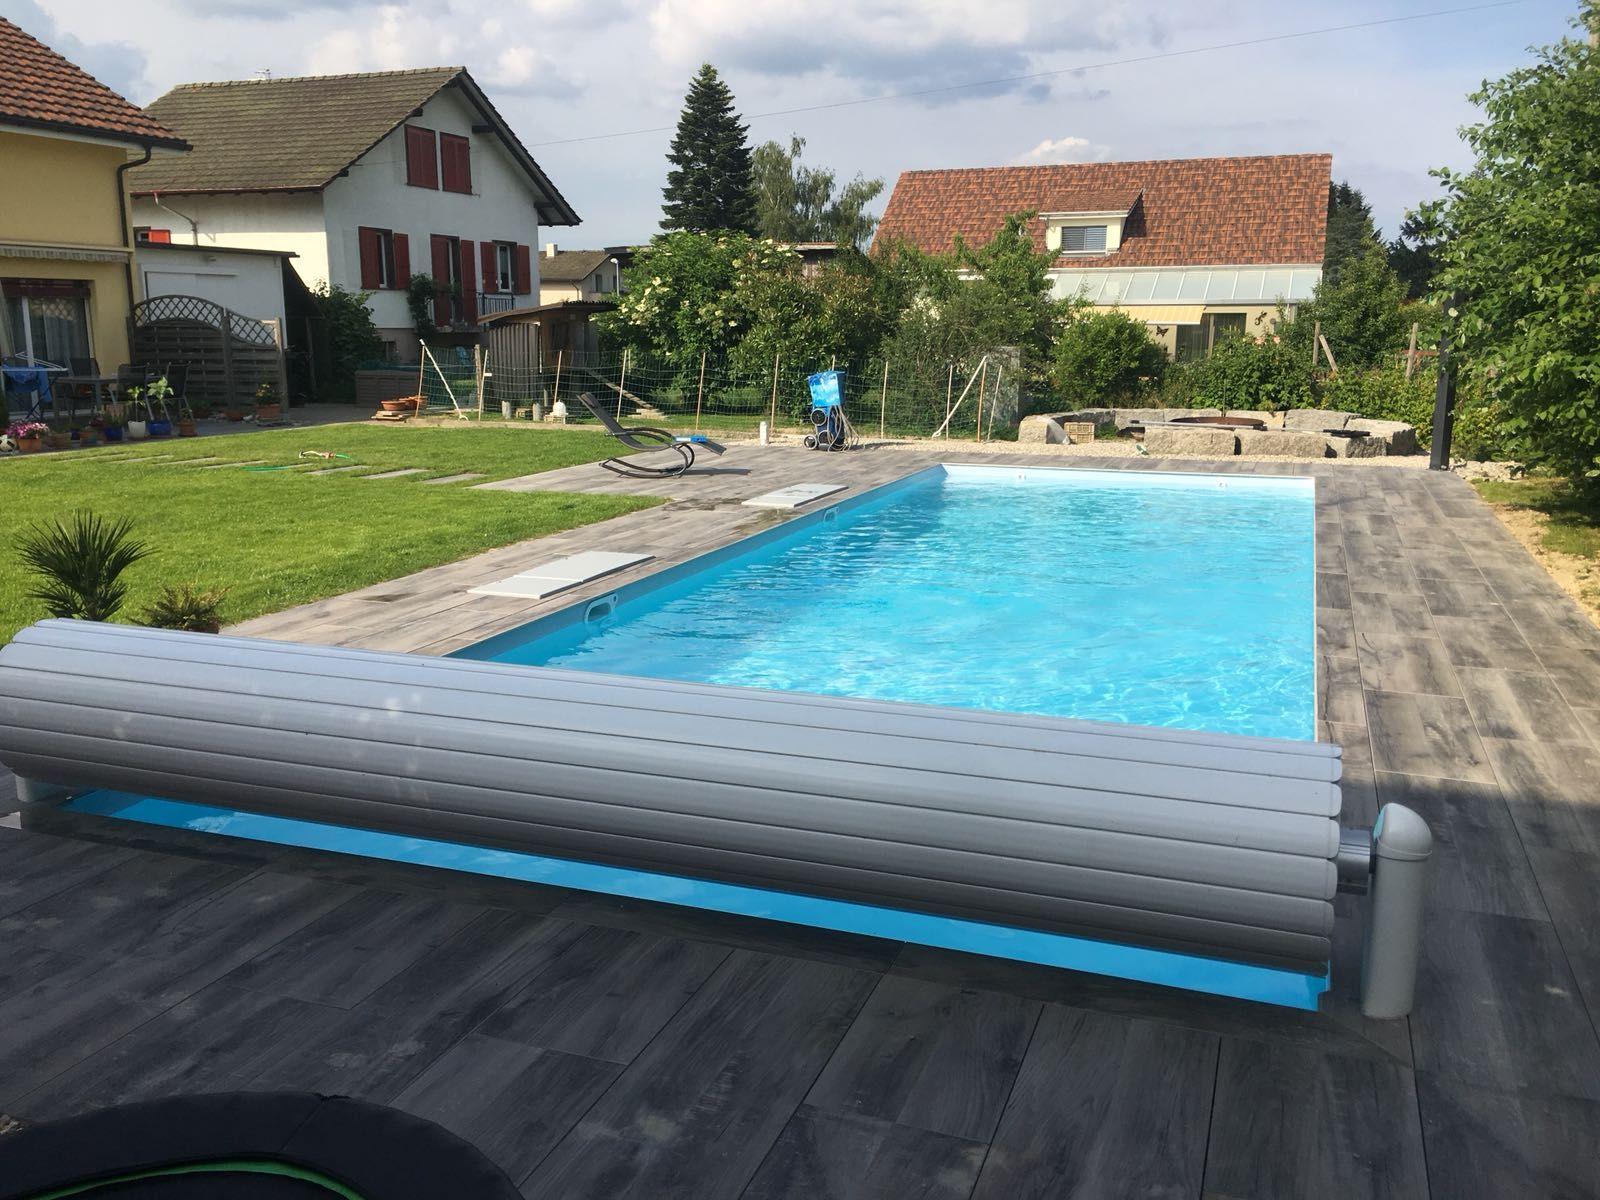 Unterhalt Tuggen Terrassengestaltung Outdoor Dekorationen Poolbau